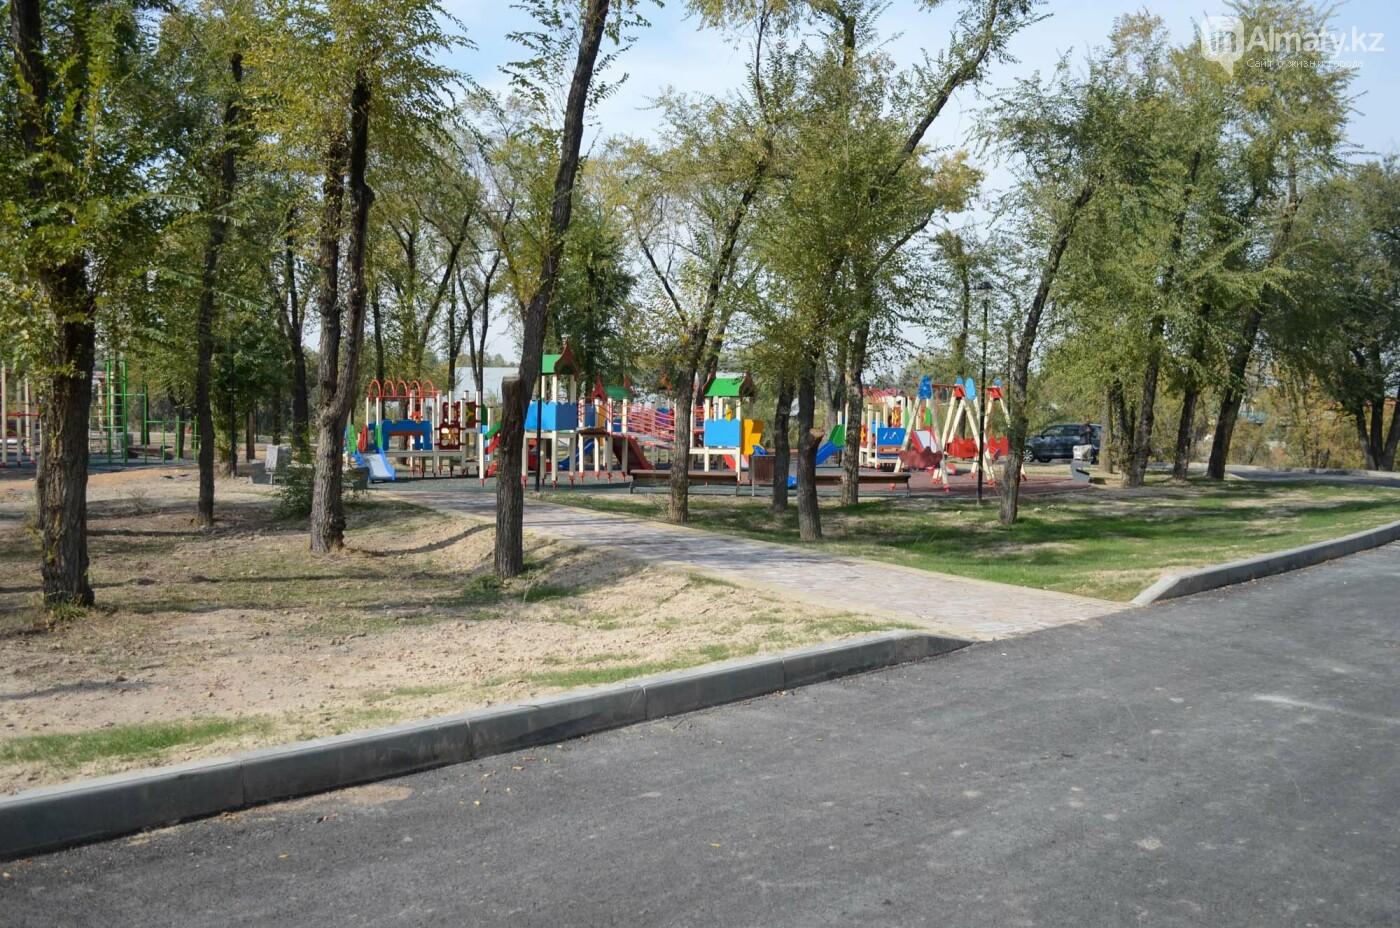 Как выглядит новый парк в зоне Аэропортовского озера и микрорайона Жас Канат в Алматы, фото-1